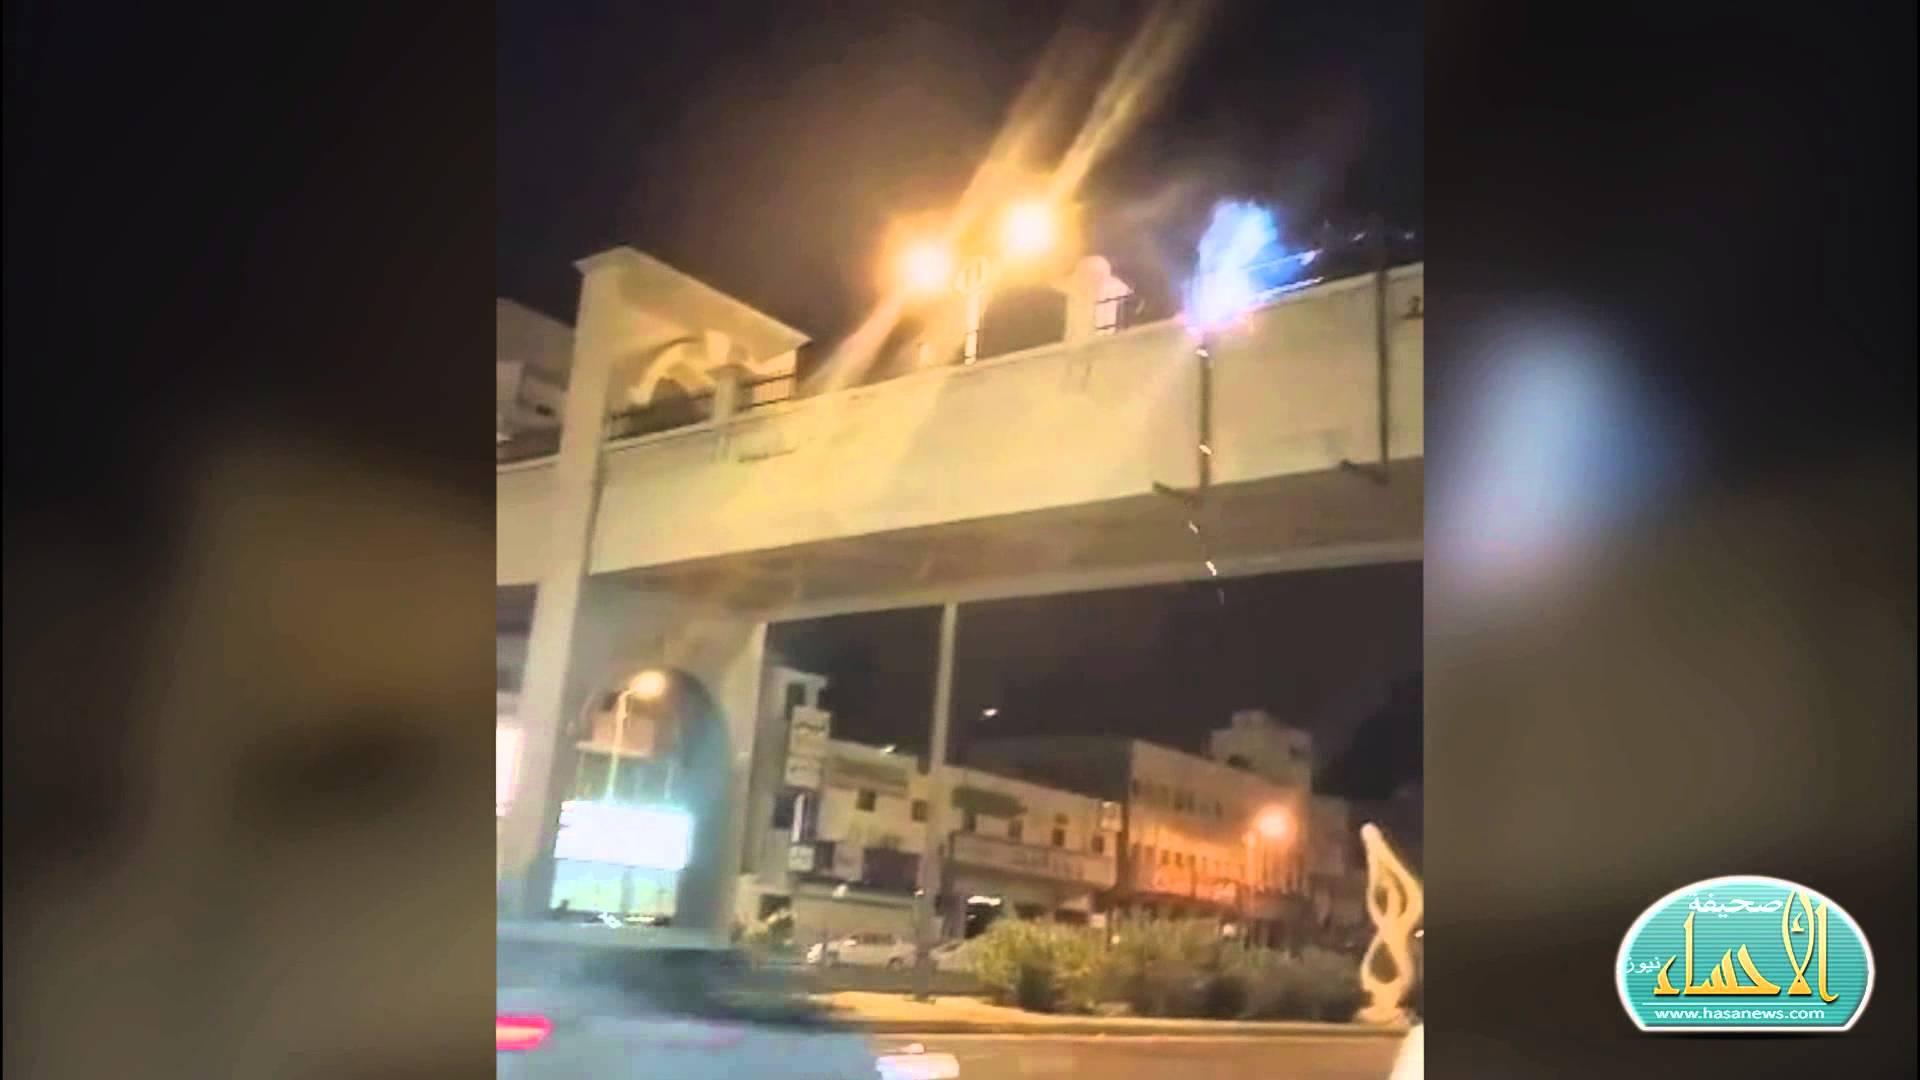 بالفيديو… مواطن يوثق إهمال لا يوصف في الأحساء ومطالبات بالمحاسبة…